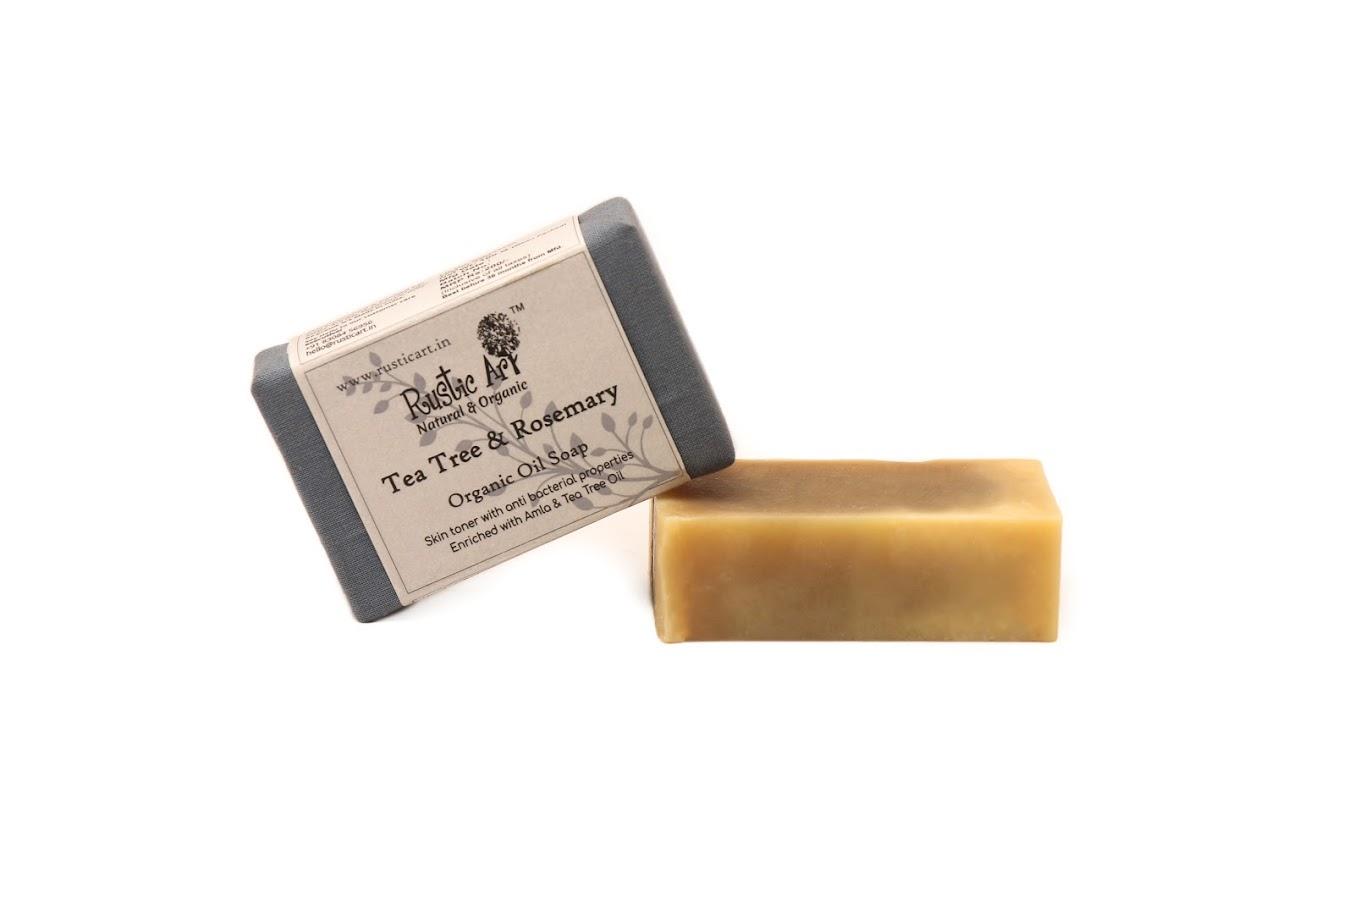 Rustic Art Tea Tree Rosemary Soap